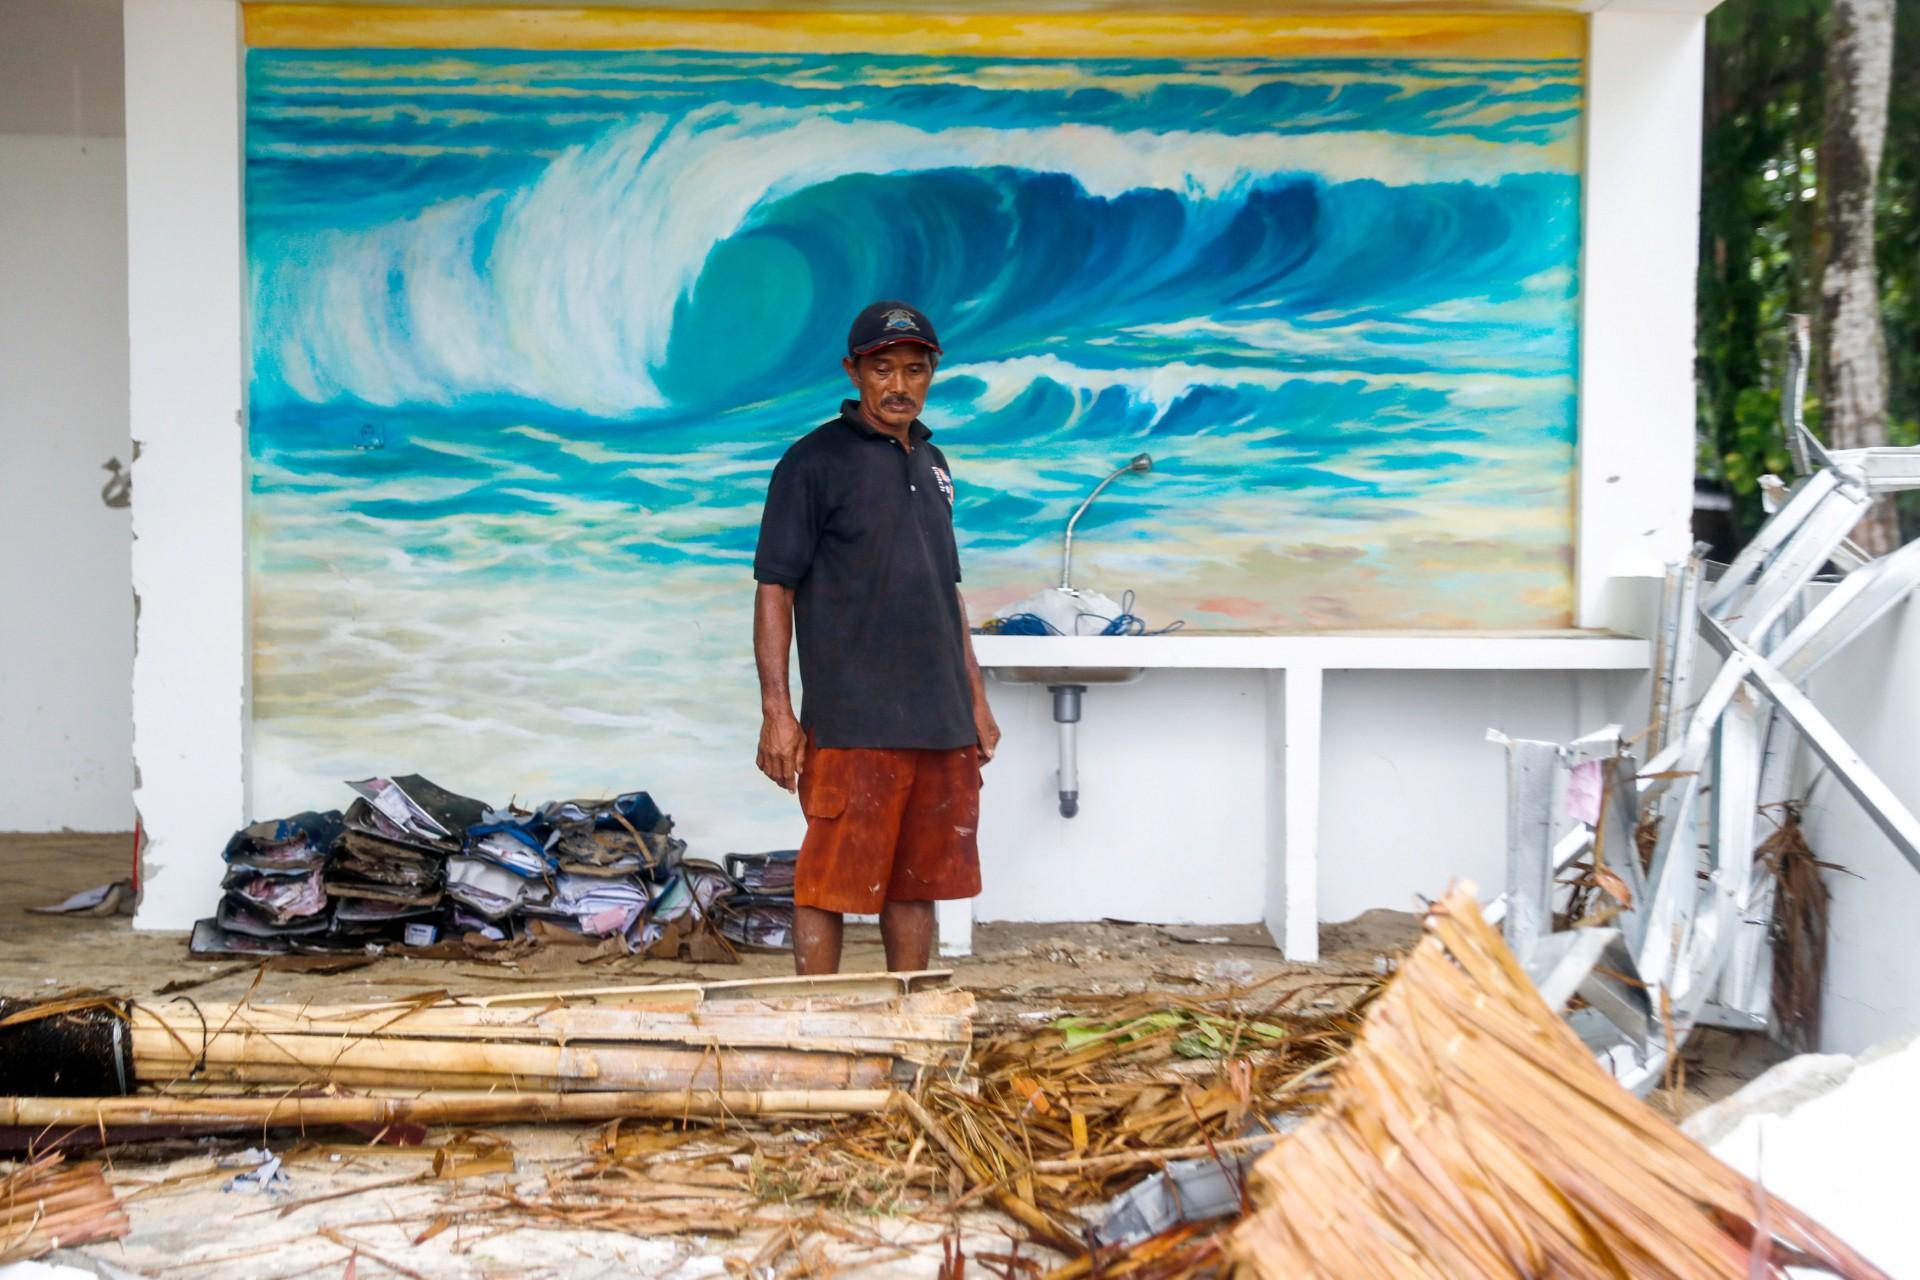 Un trabajador se para frente a un mural dentro de un bar en un complejo destruido que fue golpeado por un tsunami en Tanjung Lesung, provincia de Banten, Indonesia, Indonesia, 24 de diciembre de 2018.